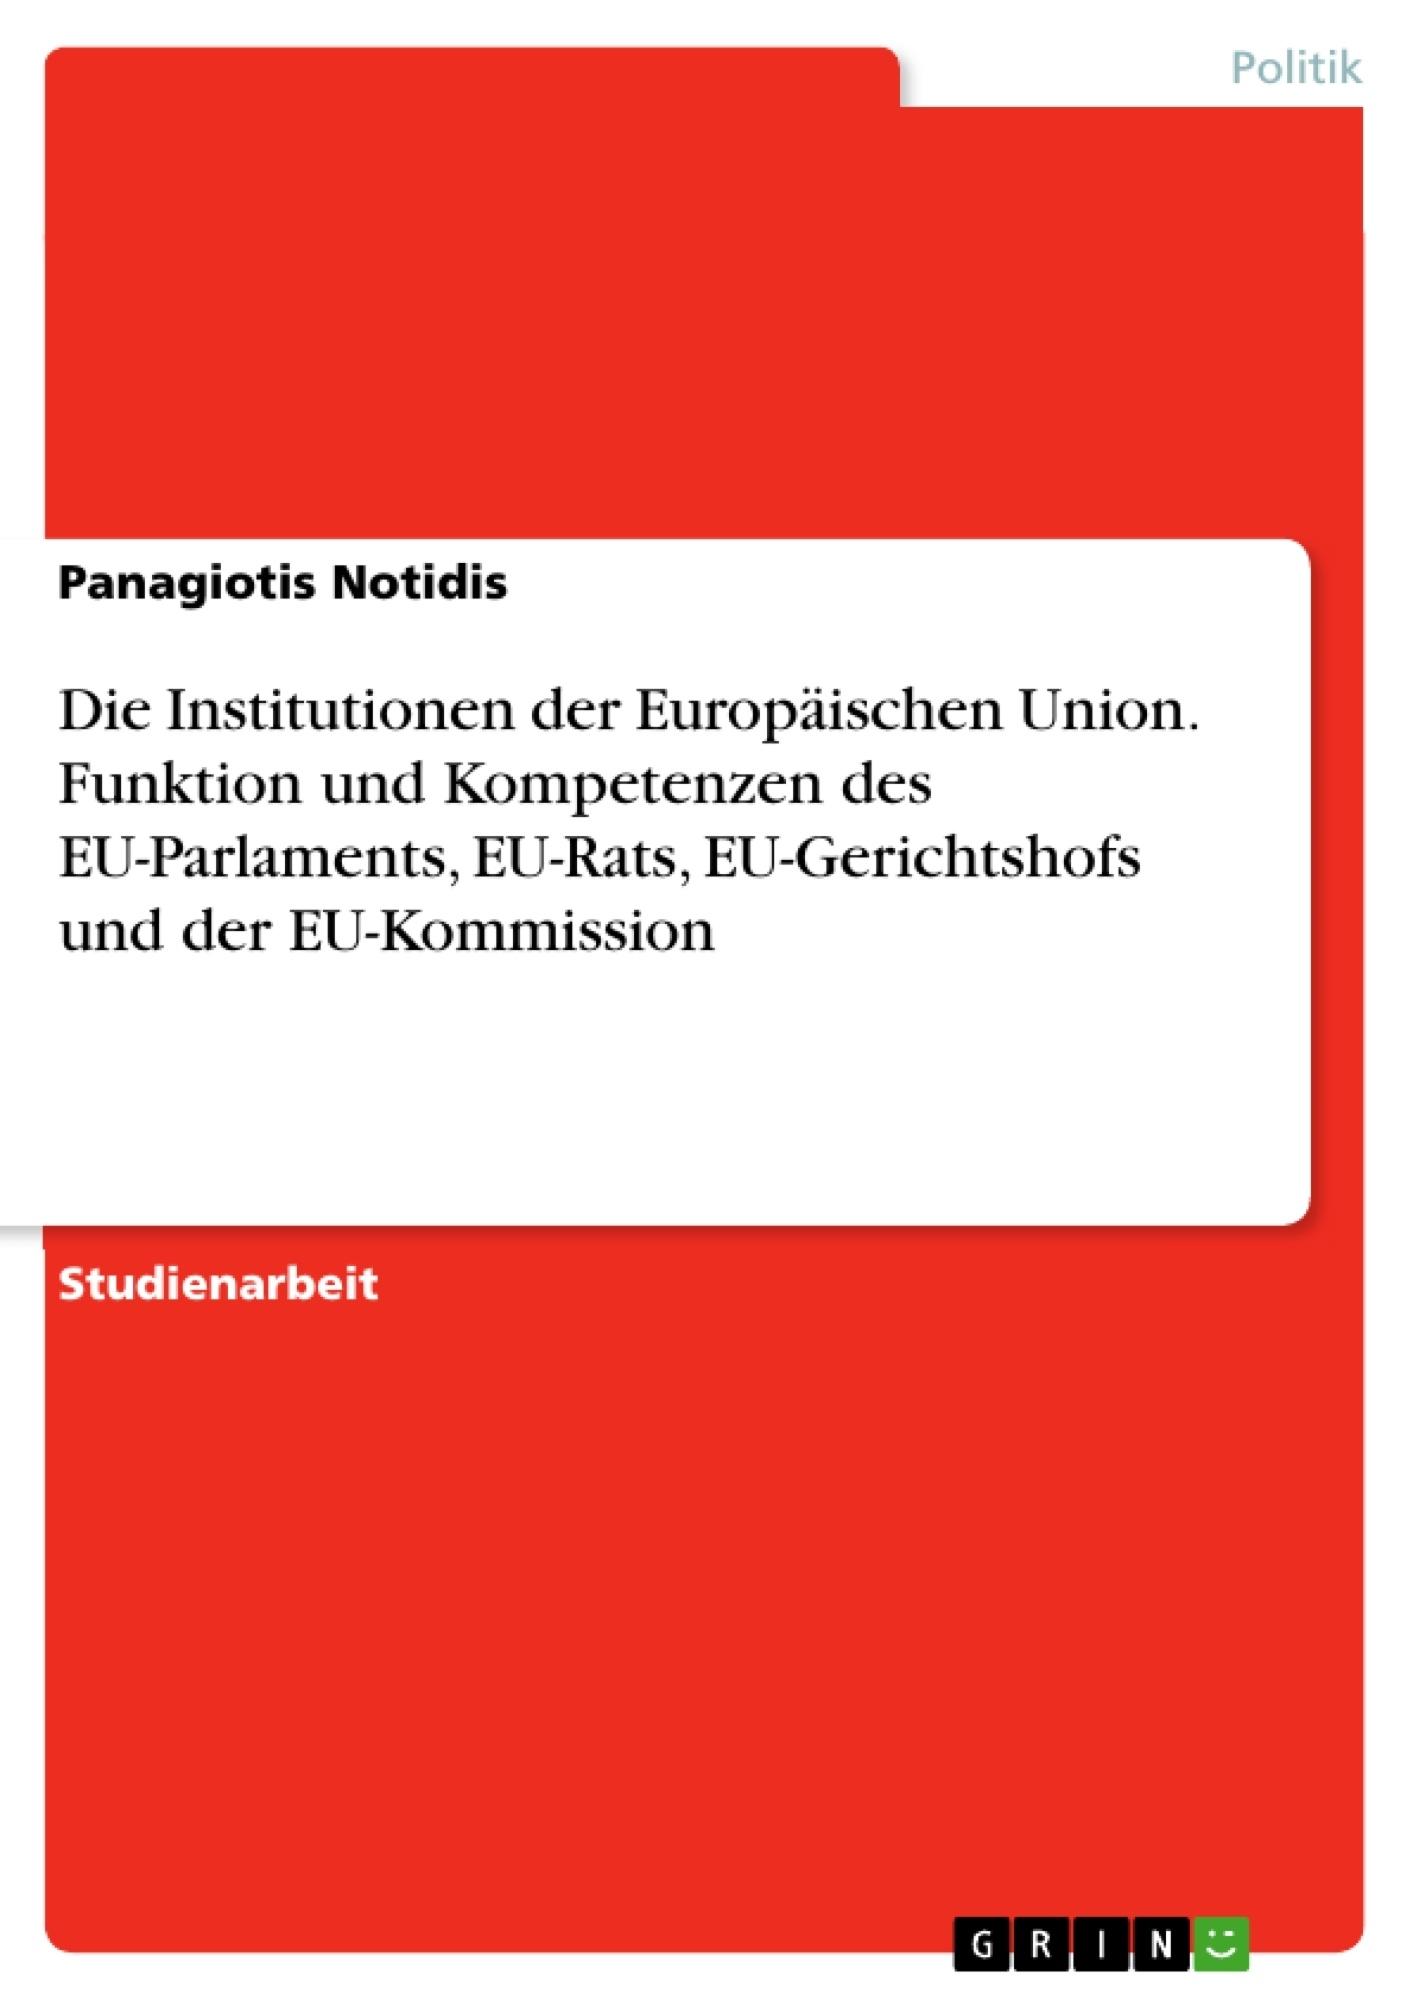 Titel: Die Institutionen der Europäischen Union. Funktion und Kompetenzen des EU-Parlaments, EU-Rats, EU-Gerichtshofs und der EU-Kommission